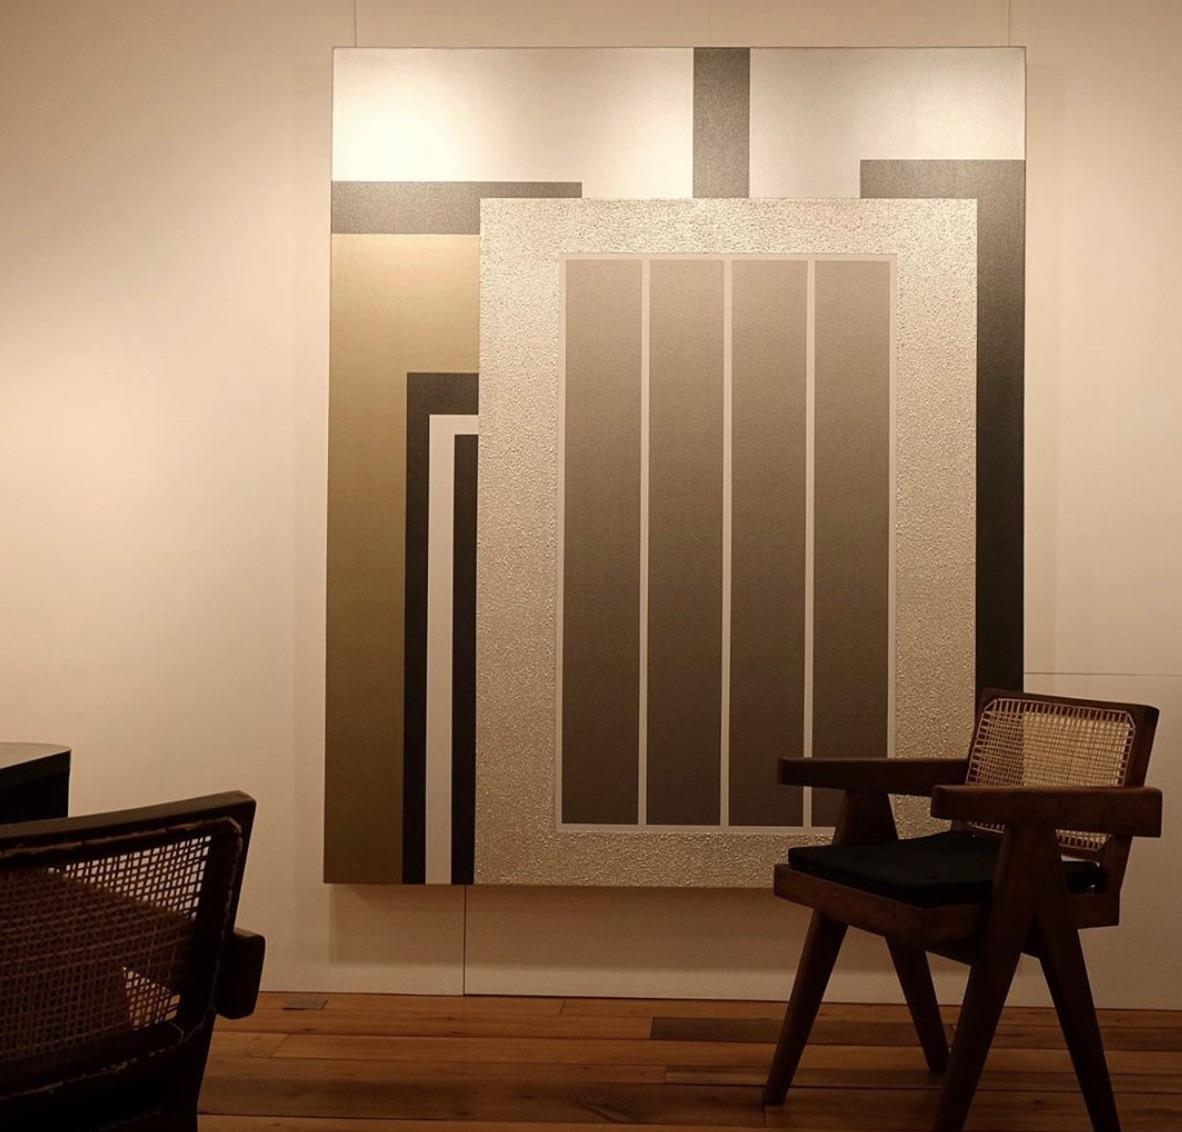 Peter Halley à la Galerie Retelet